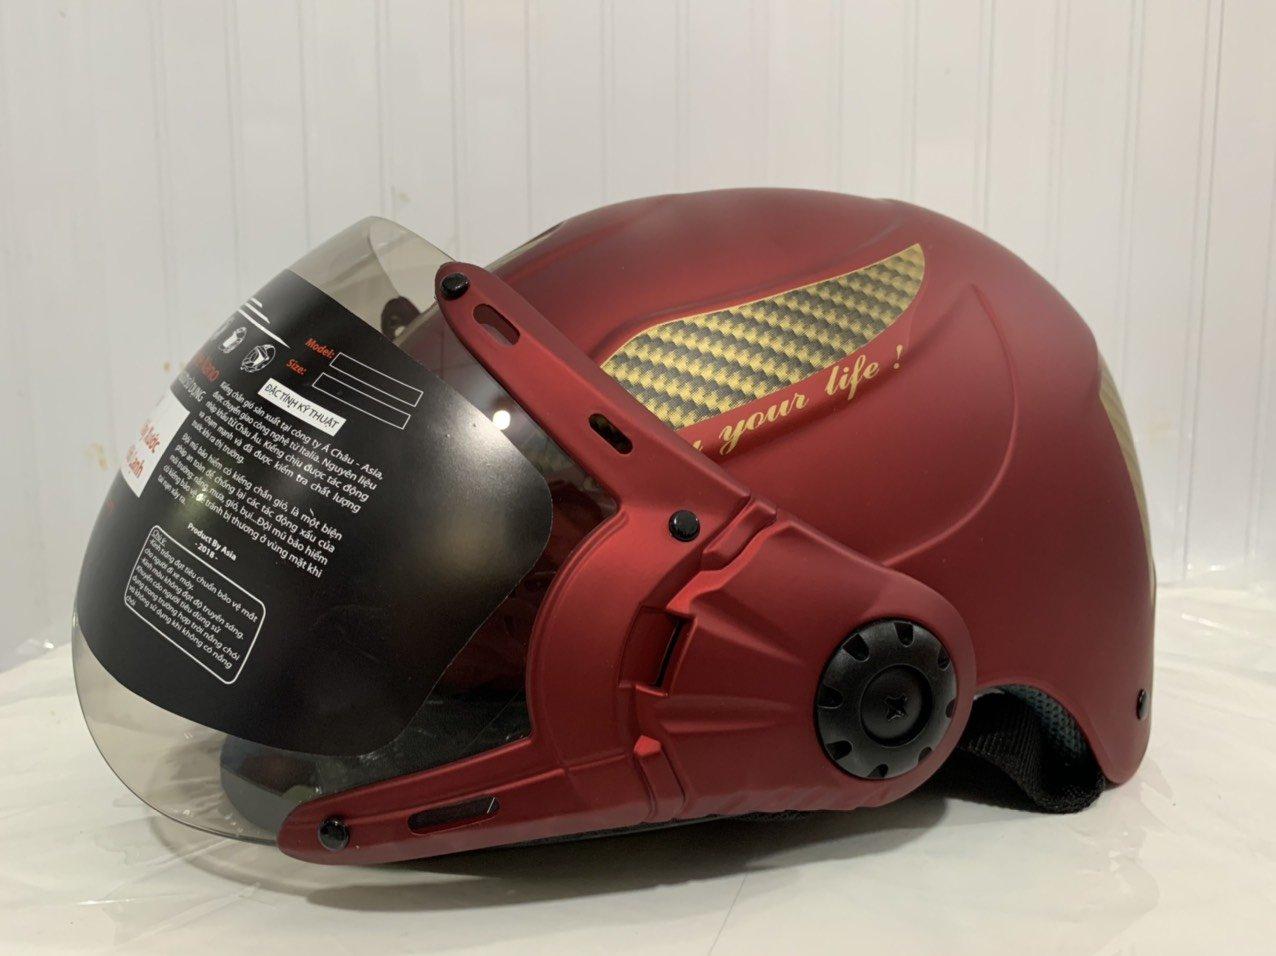 Mũ bảo hiểm màu đỏ mờ